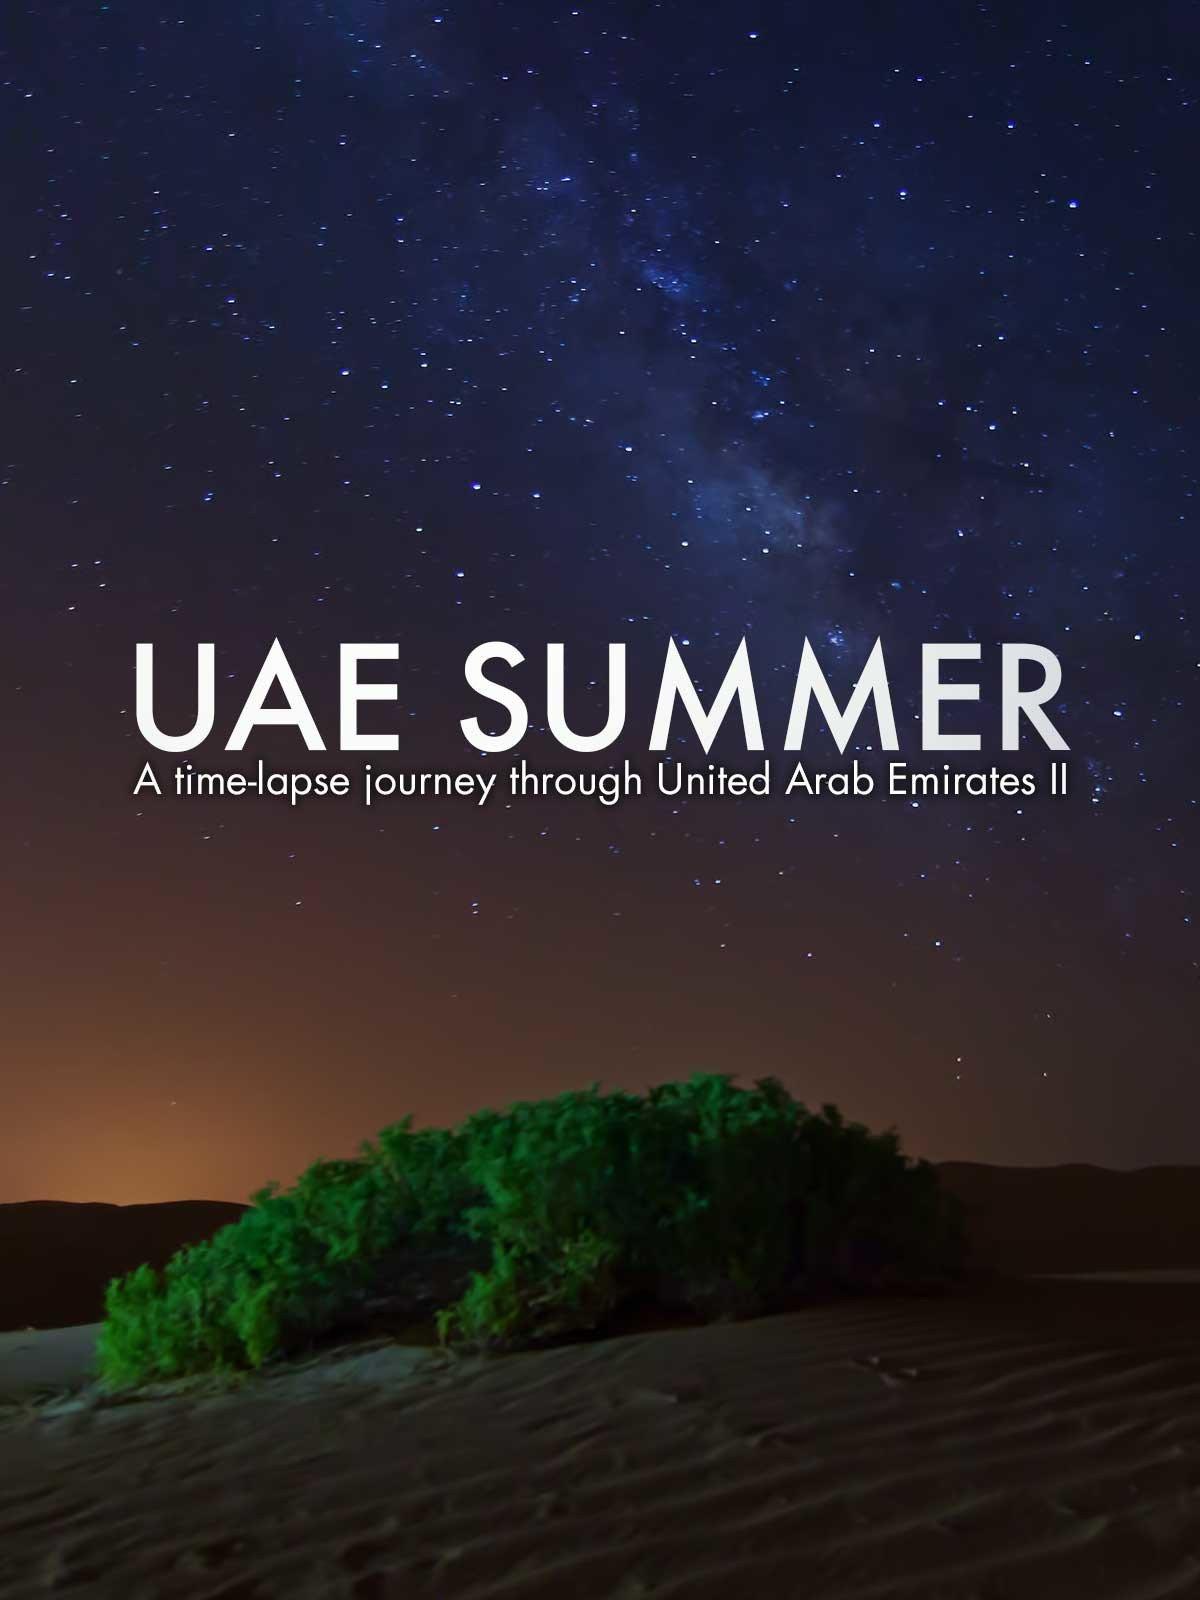 UAE Summer